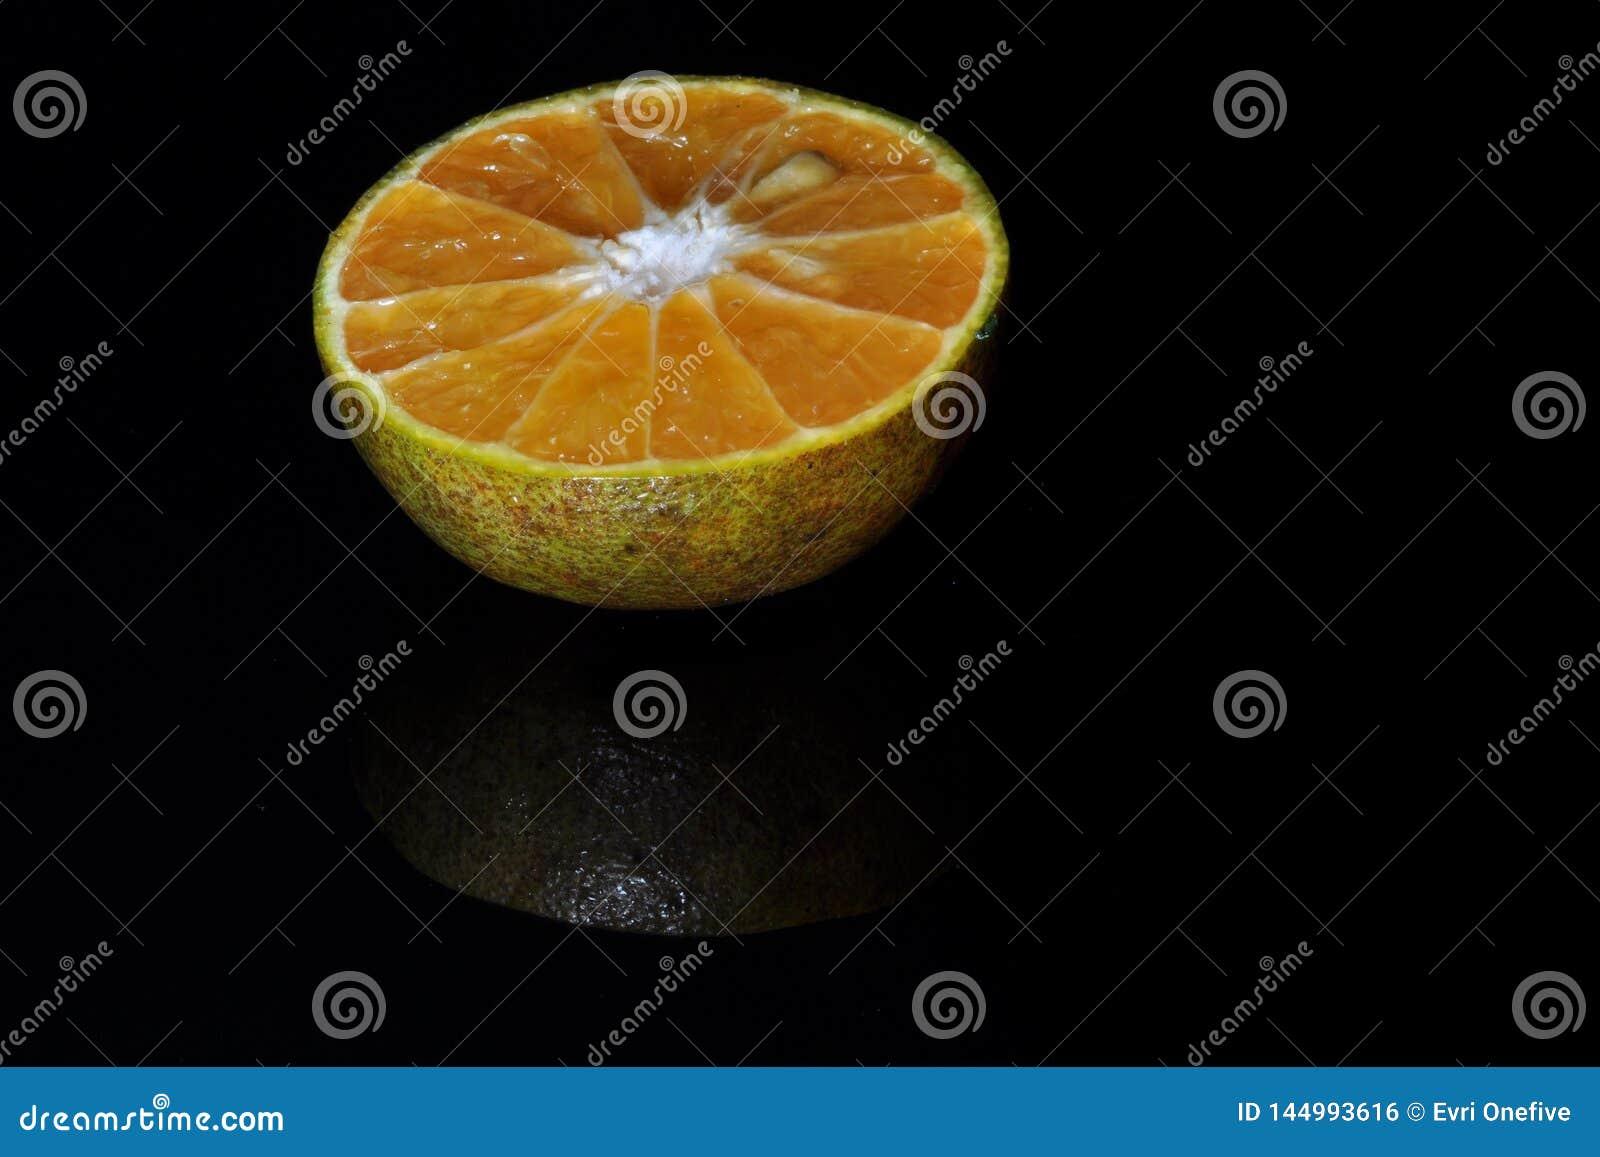 Orange fruit isolated  on black background. Fresh and healthy